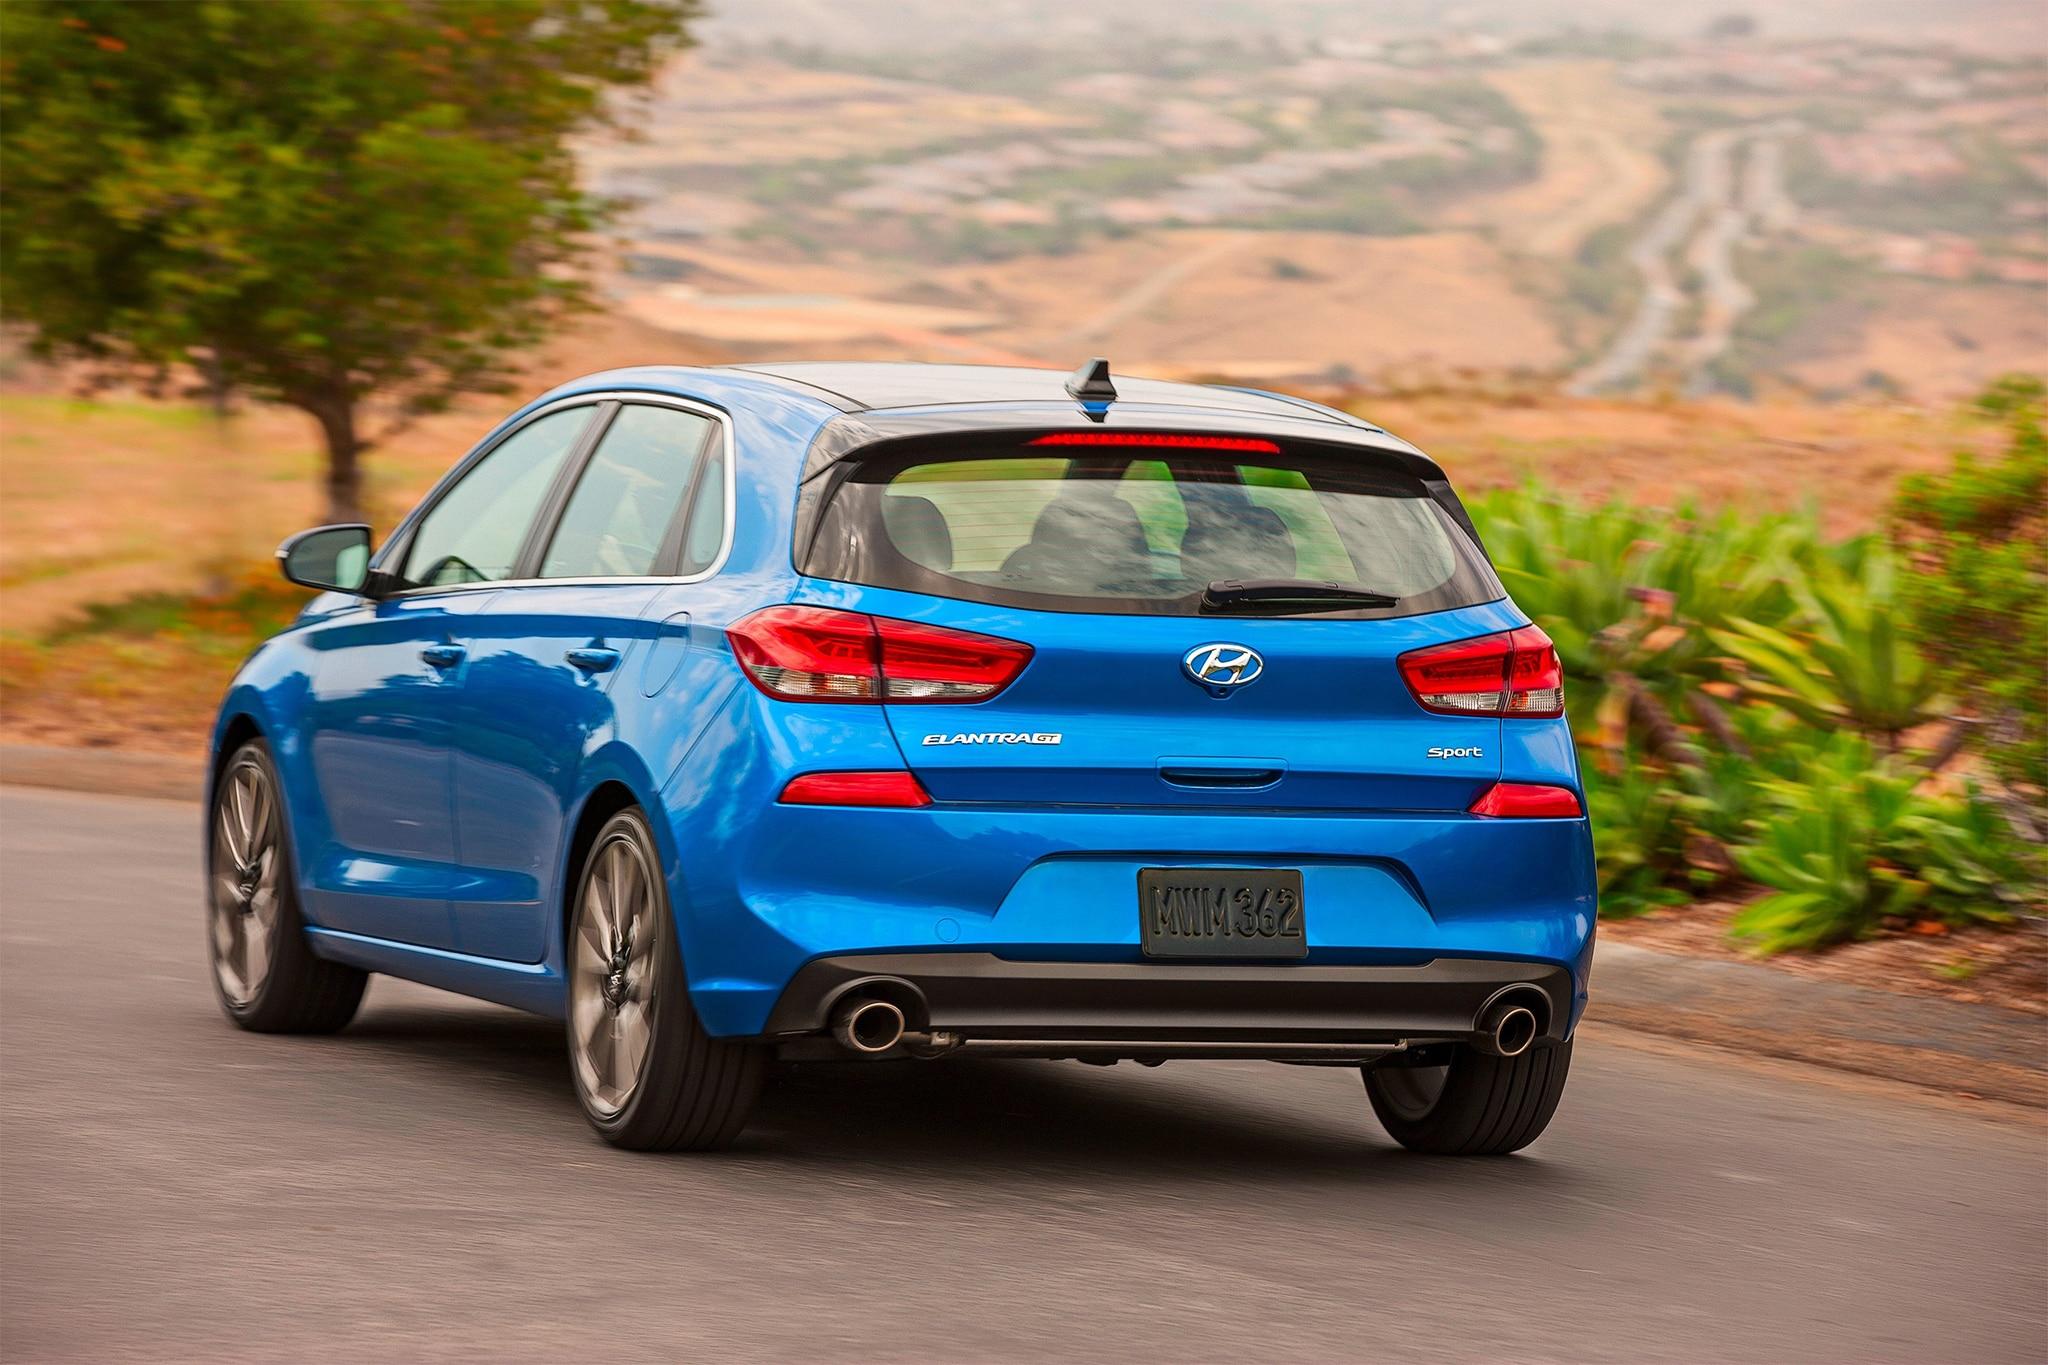 2018-Hyundai-Elantra-GT-Sport-rear-three